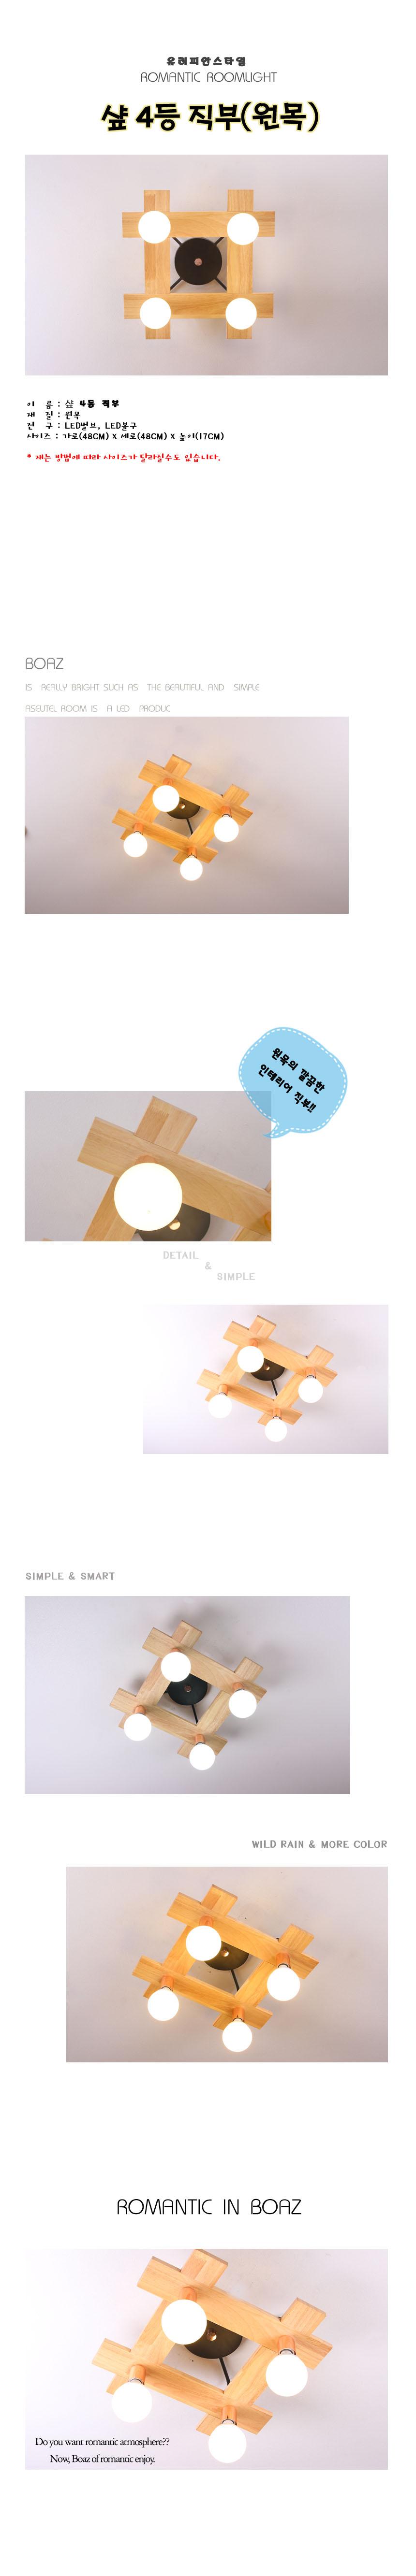 boaz 샾4등 방등 - 보아스라이팅, 68,000원, 리빙조명, 방등/천장등